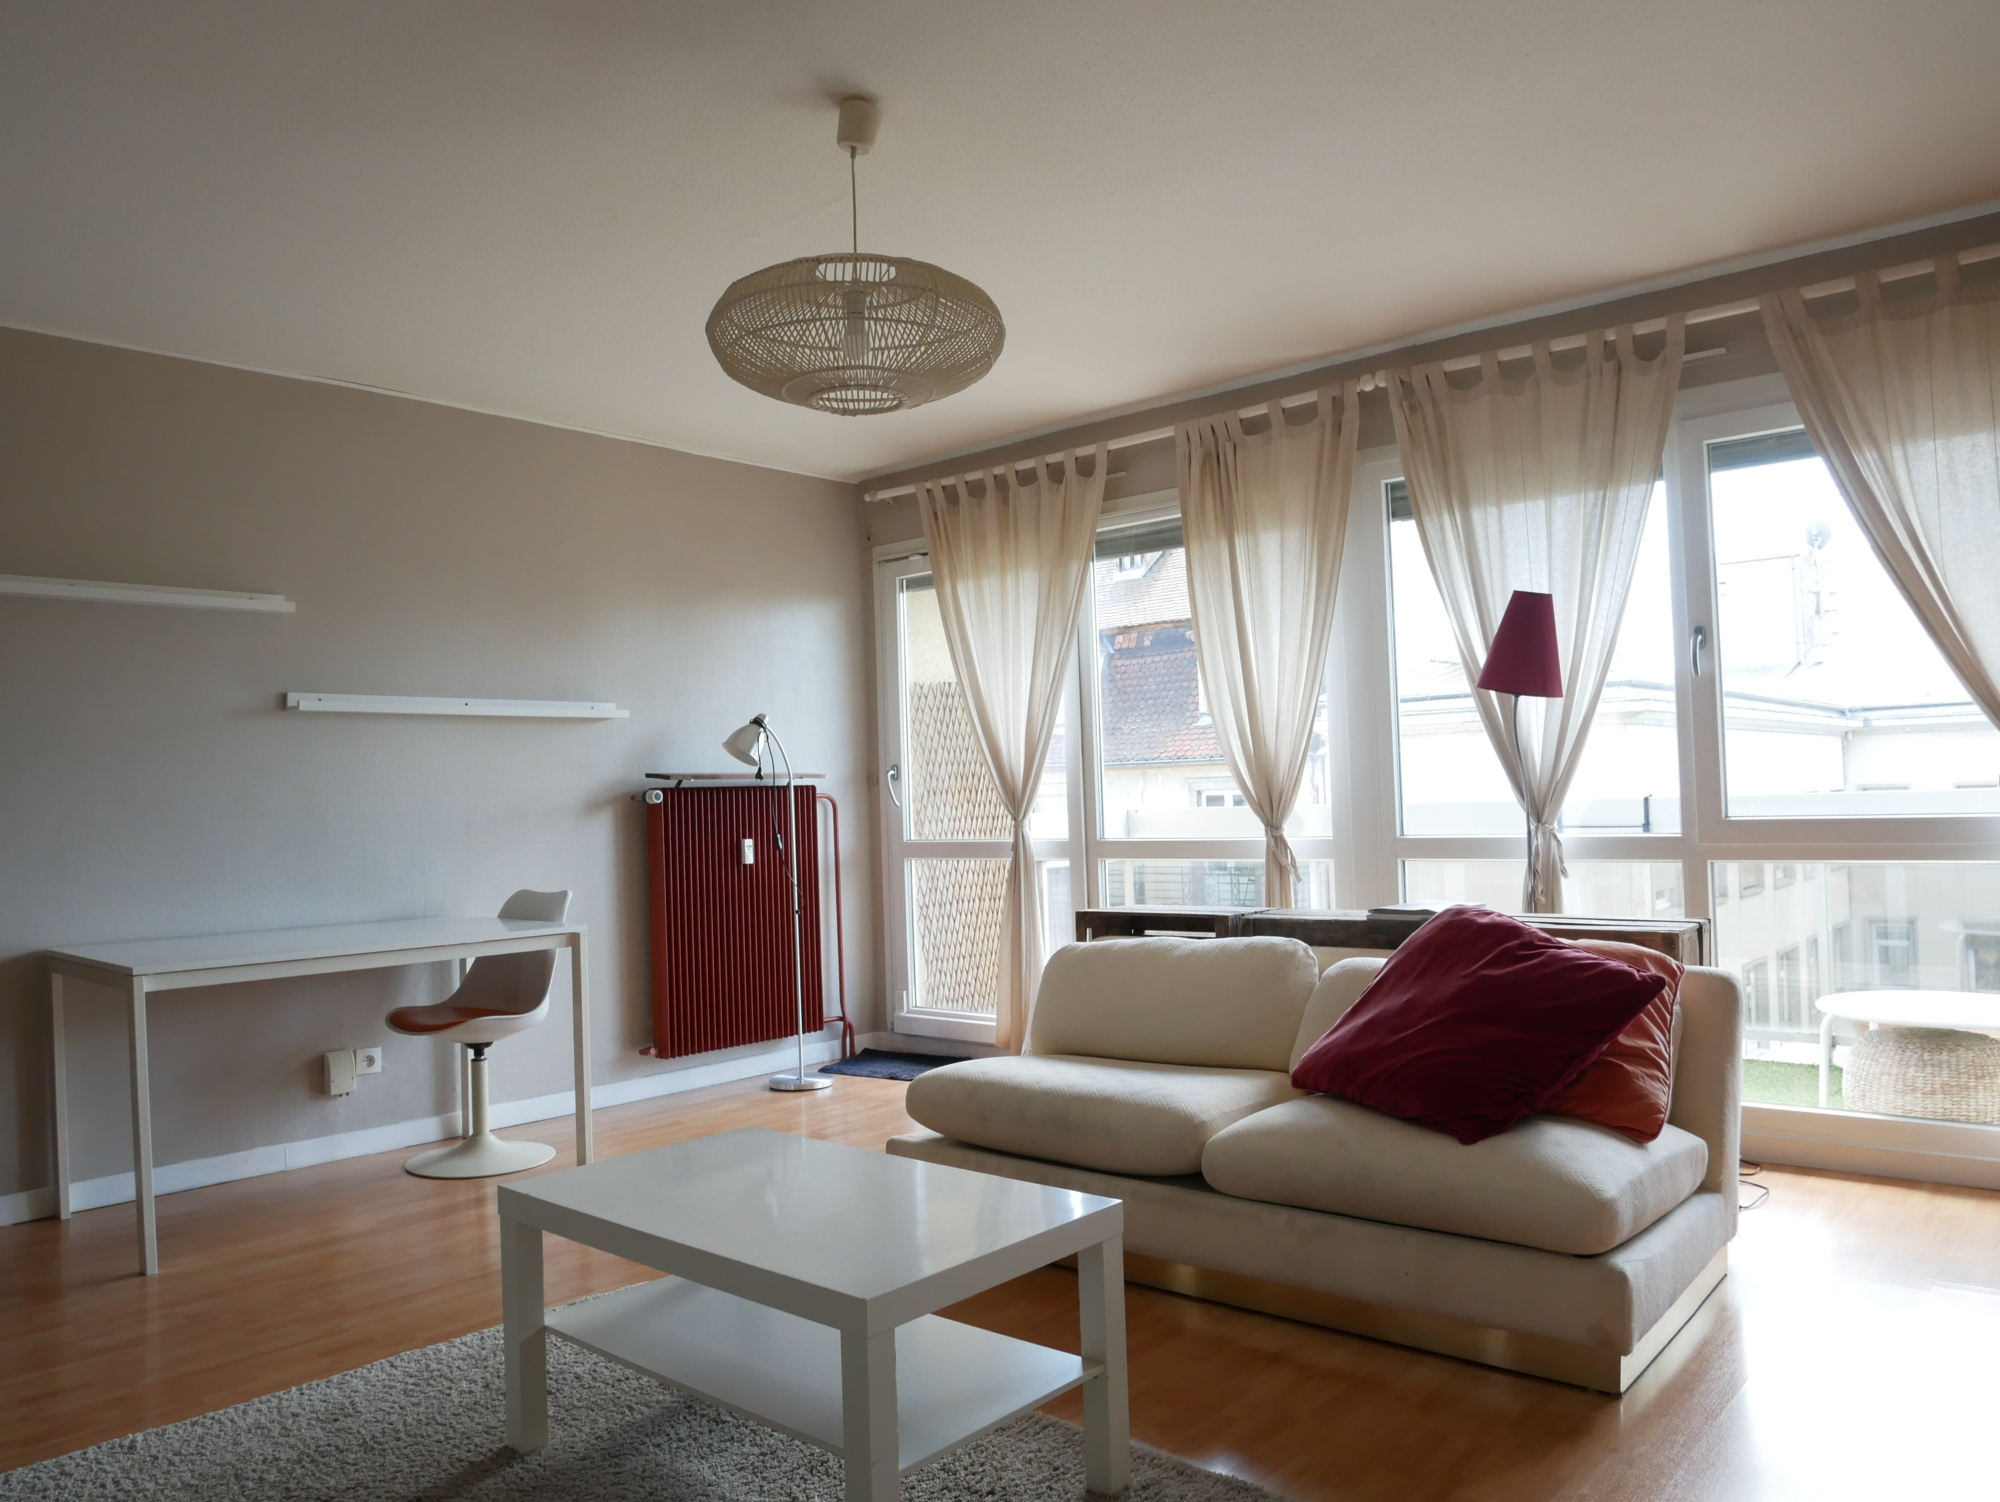 [Cosy] Agréable 2 pièces meublé – Bourse / rue Paul Reiss - nos locations - Beausite Immobilier 1